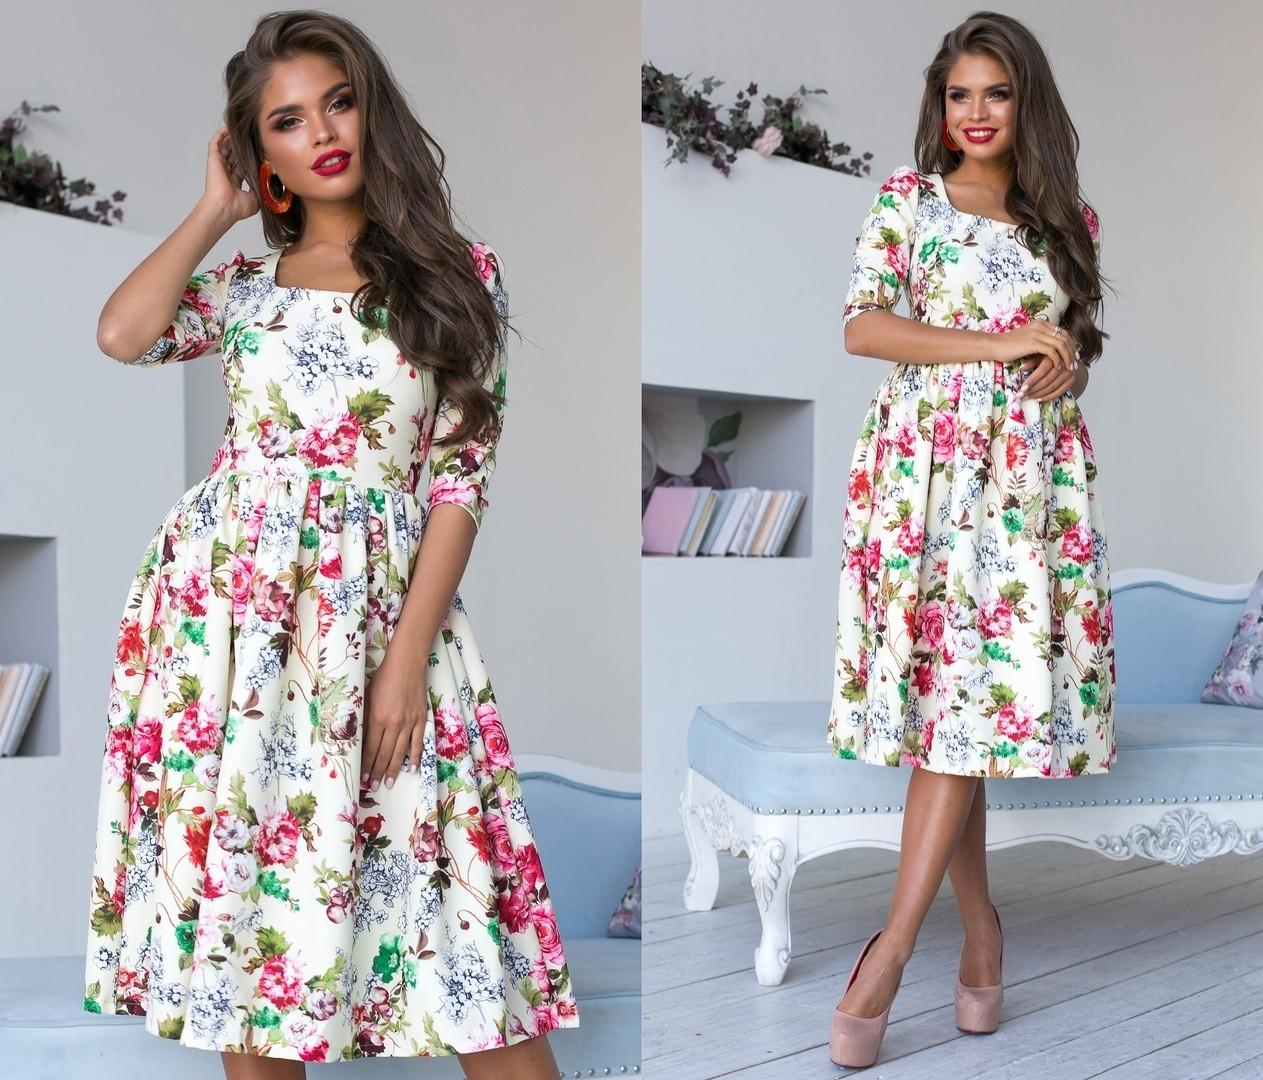 55d4f2842e7767 Платье - цветочный принт. Кремовое, 4 цвета. Р-ры: 42,44,46., цена ...